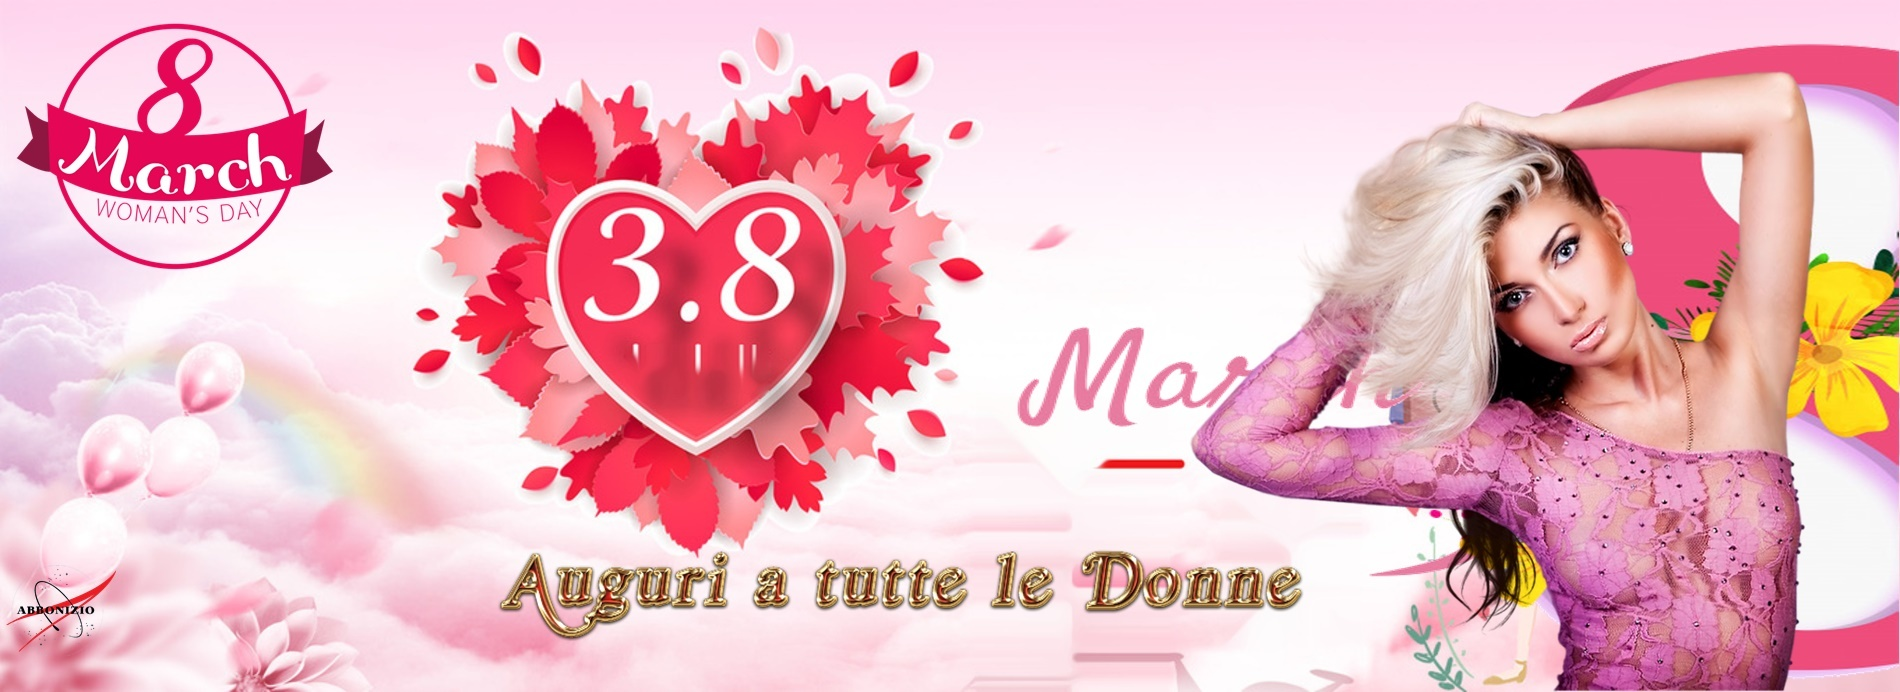 8 Marzo Festa della Donna♥